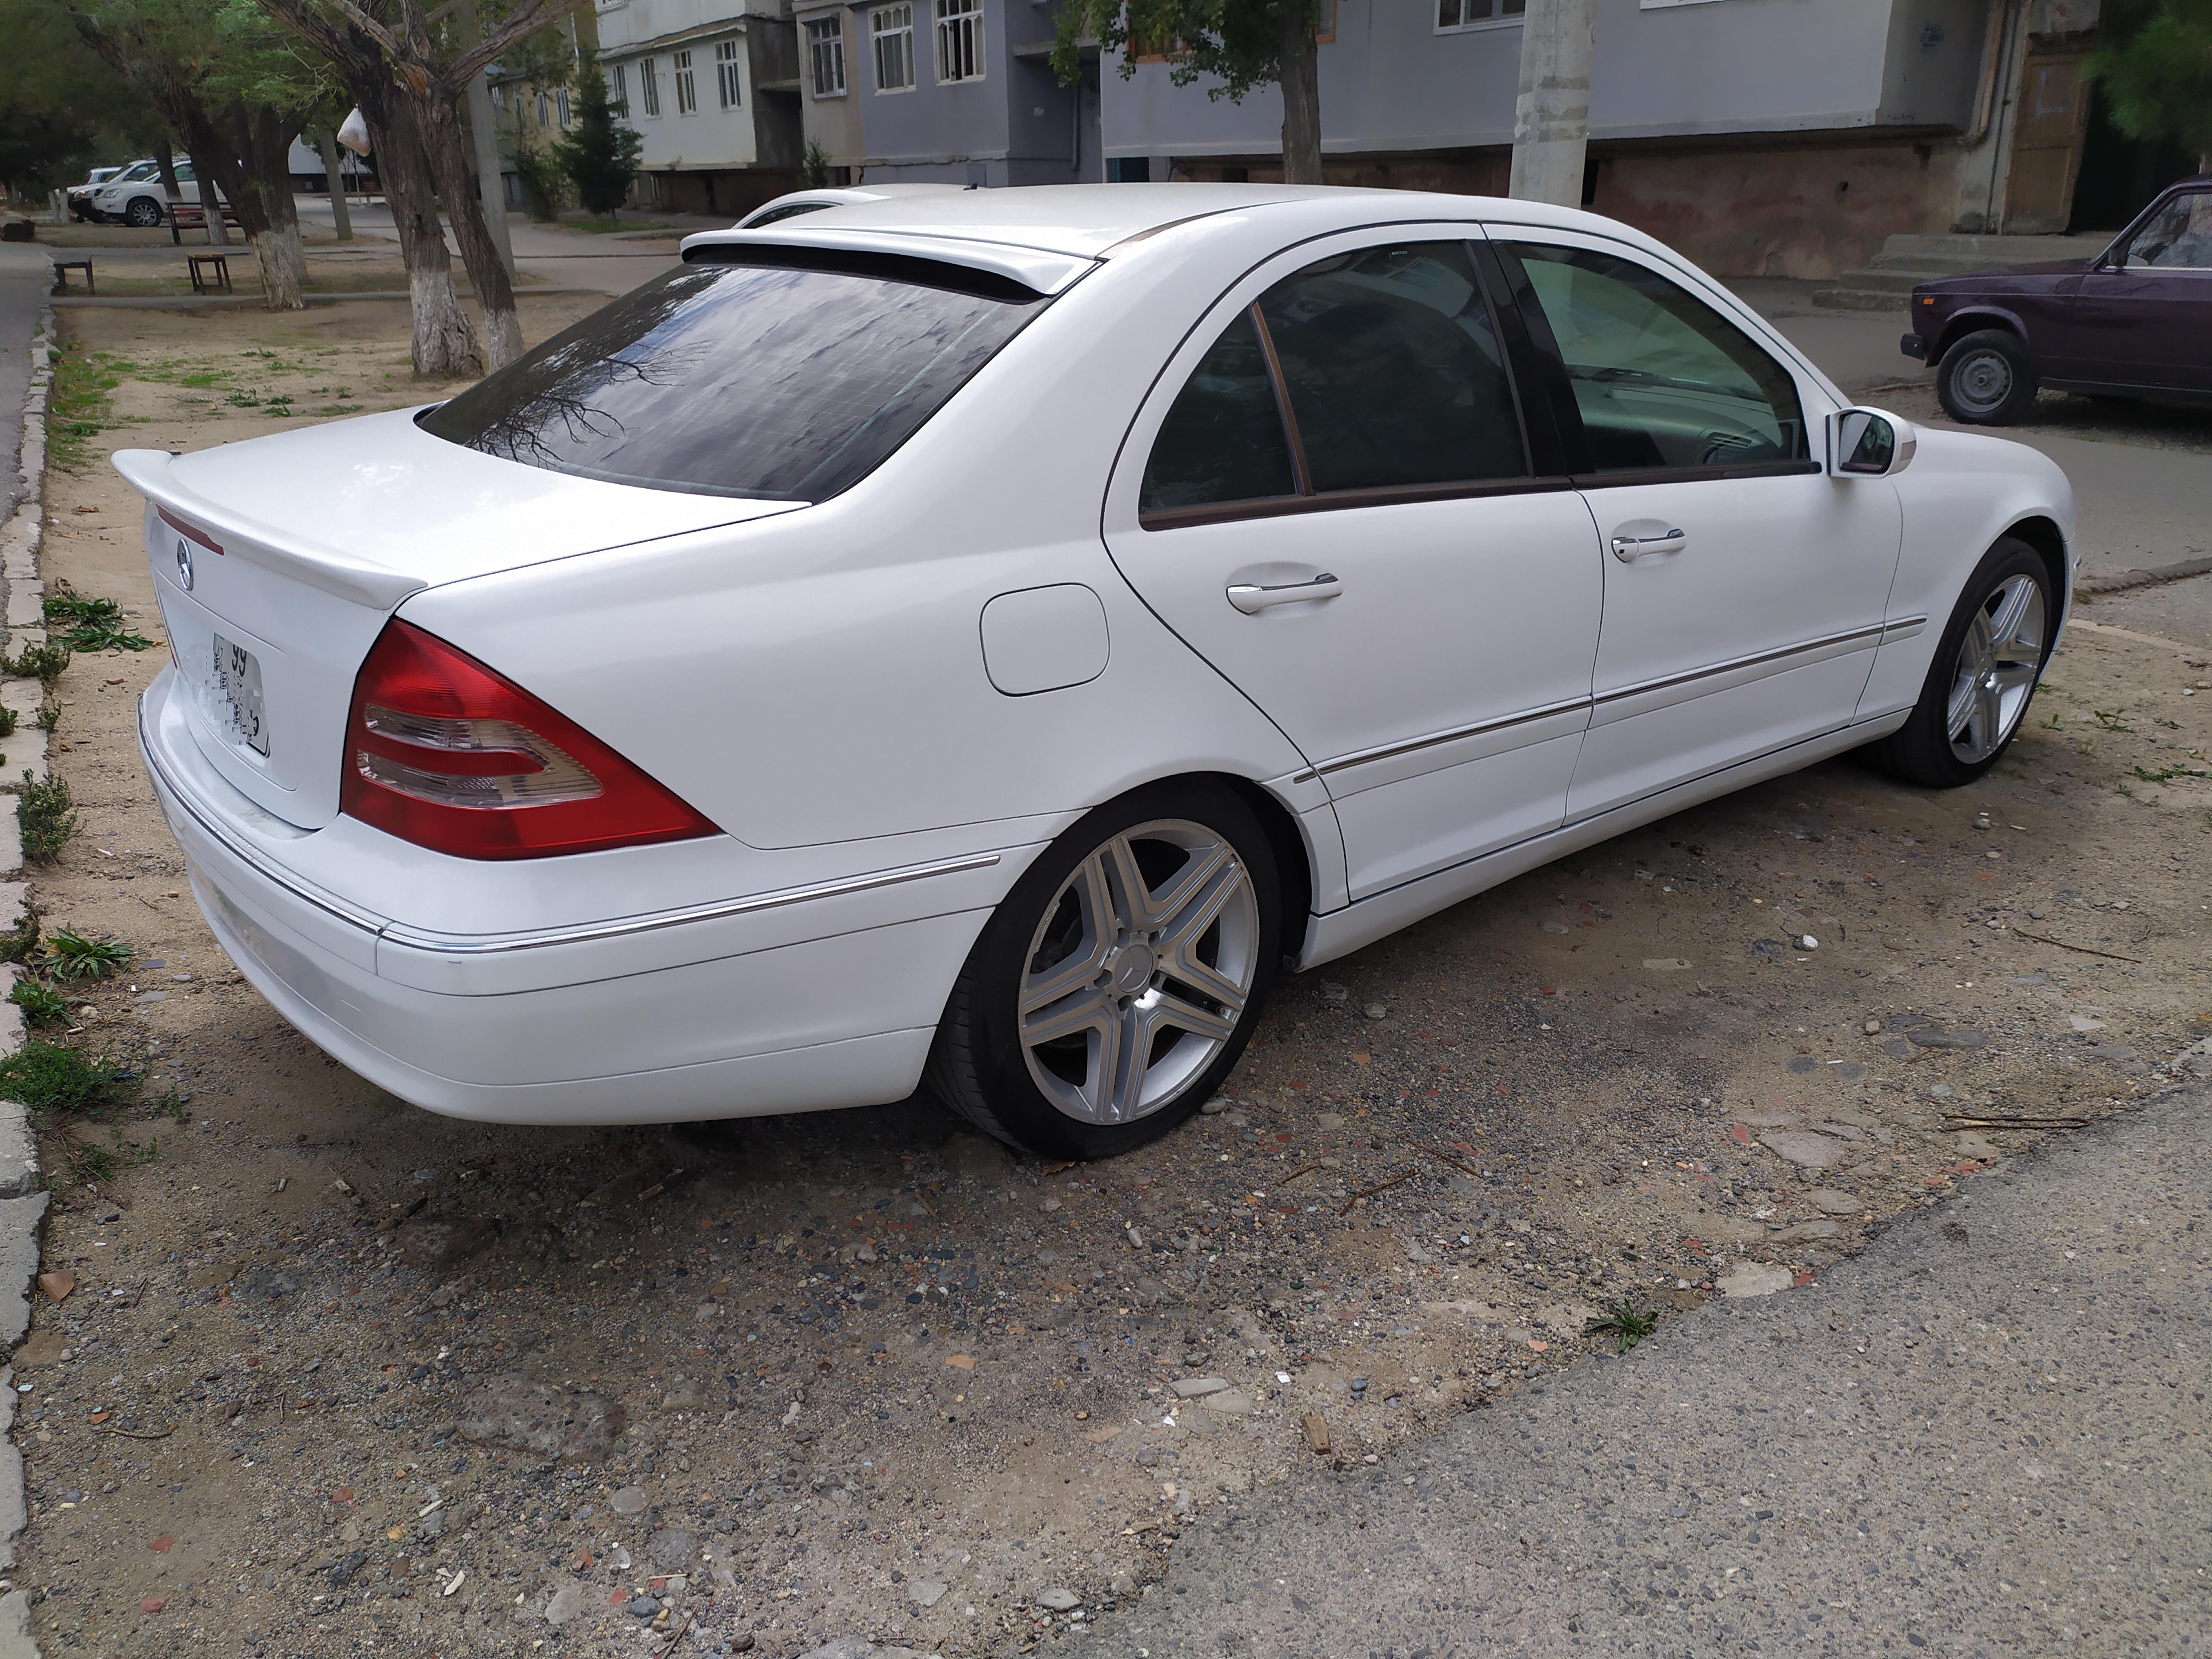 Mercedes-Benz C 200 2.0(lt) 2000 Подержанный  $11500